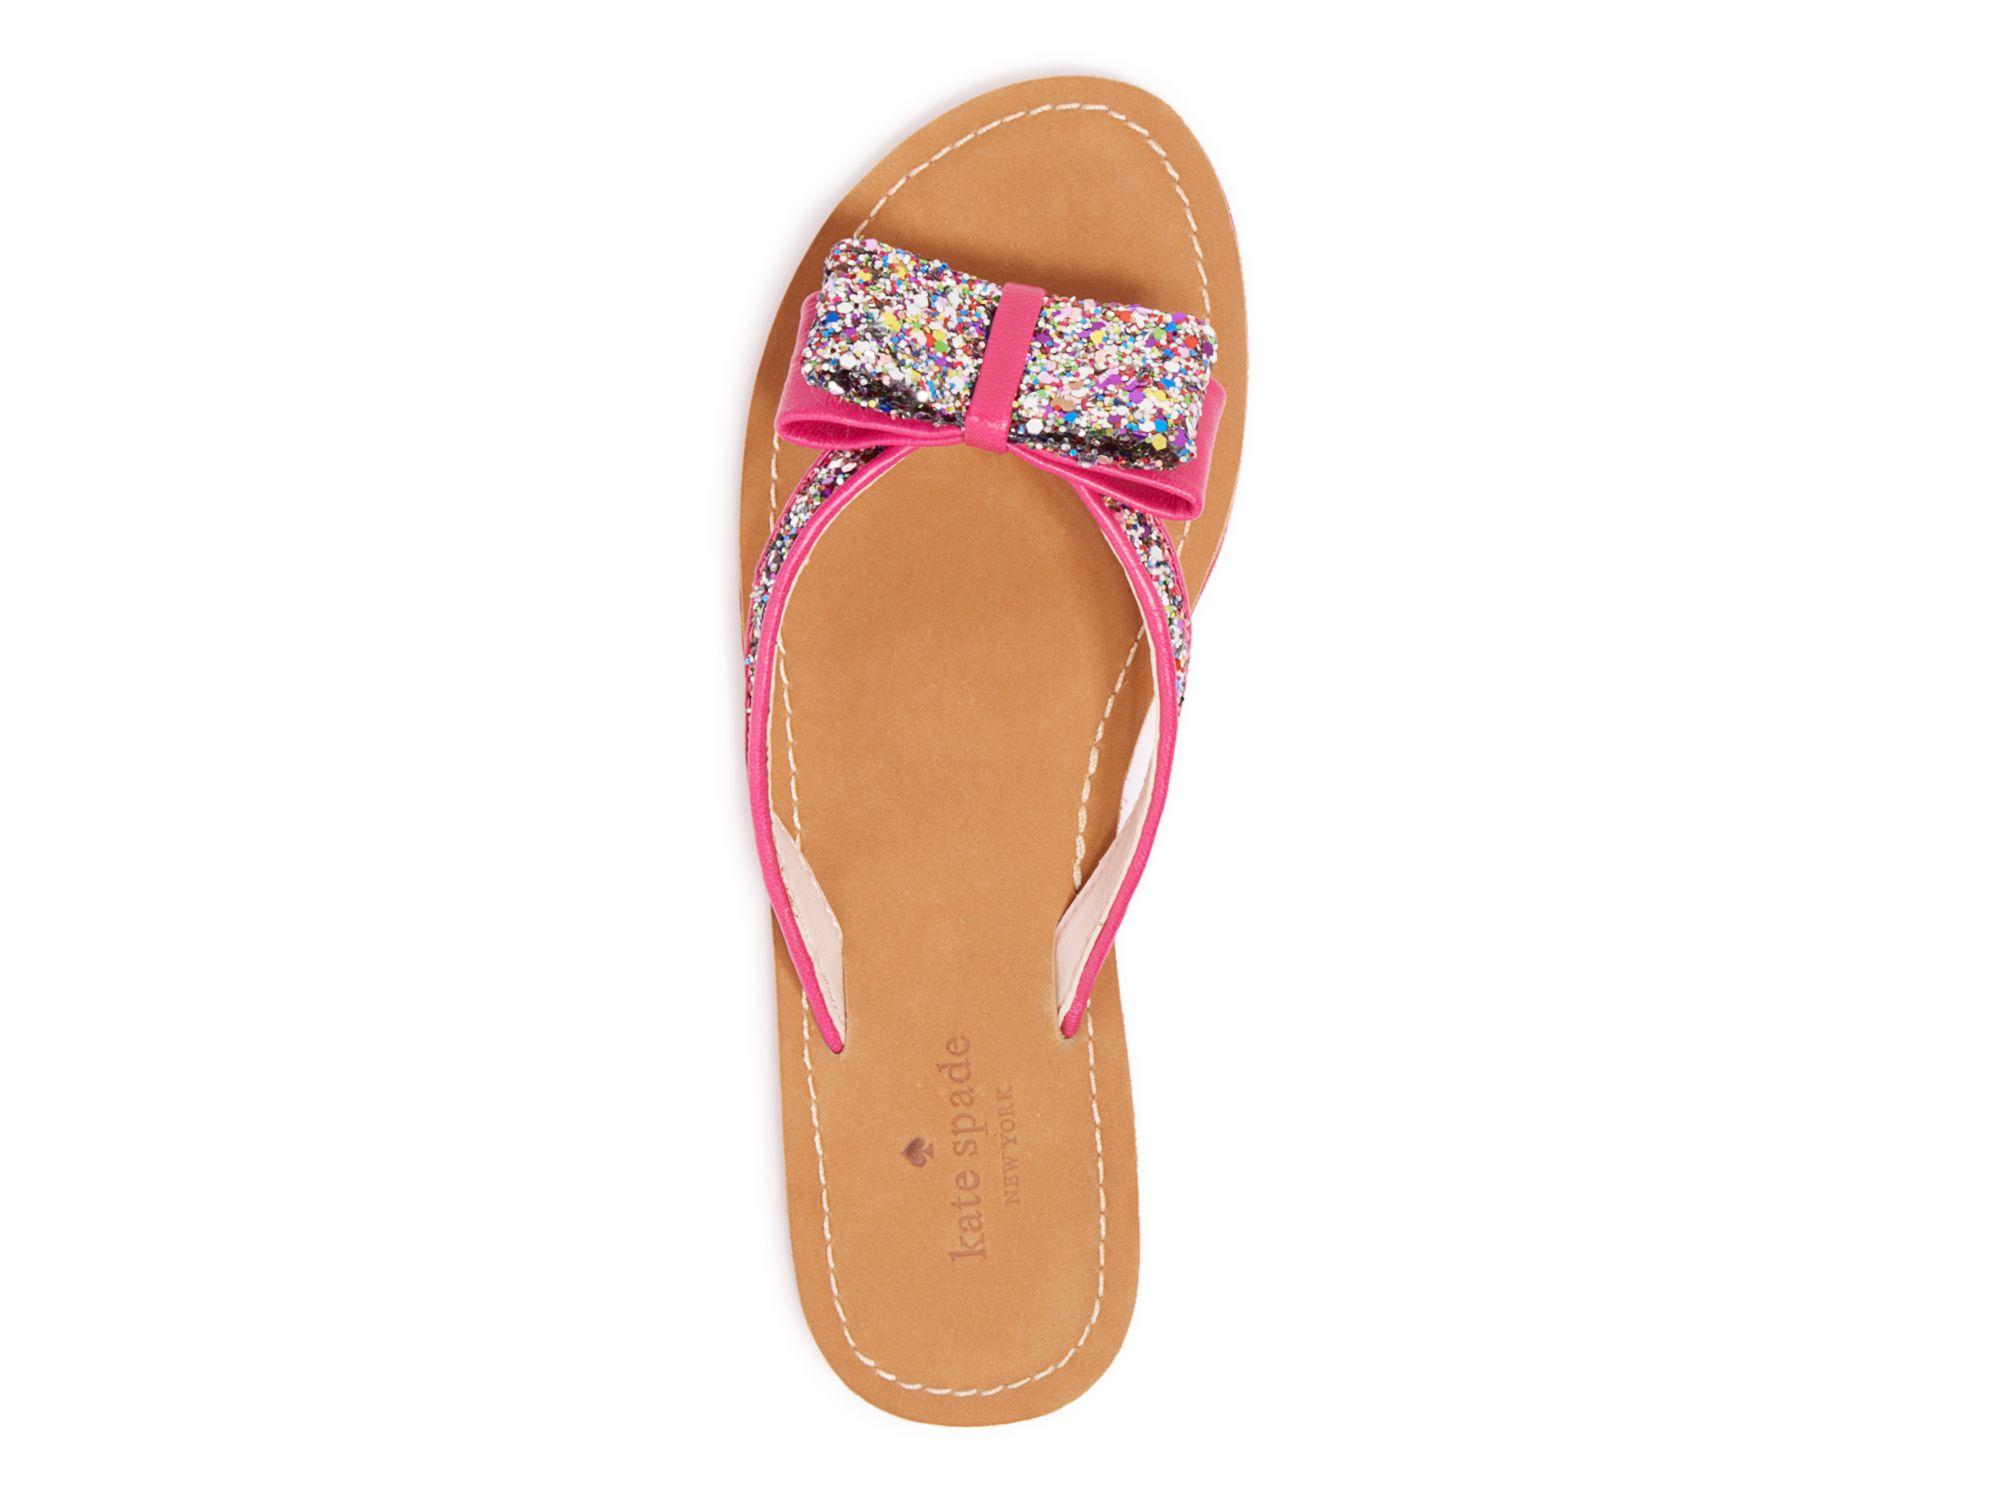 kate spade new york flip flops icarda glitter in pink lyst. Black Bedroom Furniture Sets. Home Design Ideas